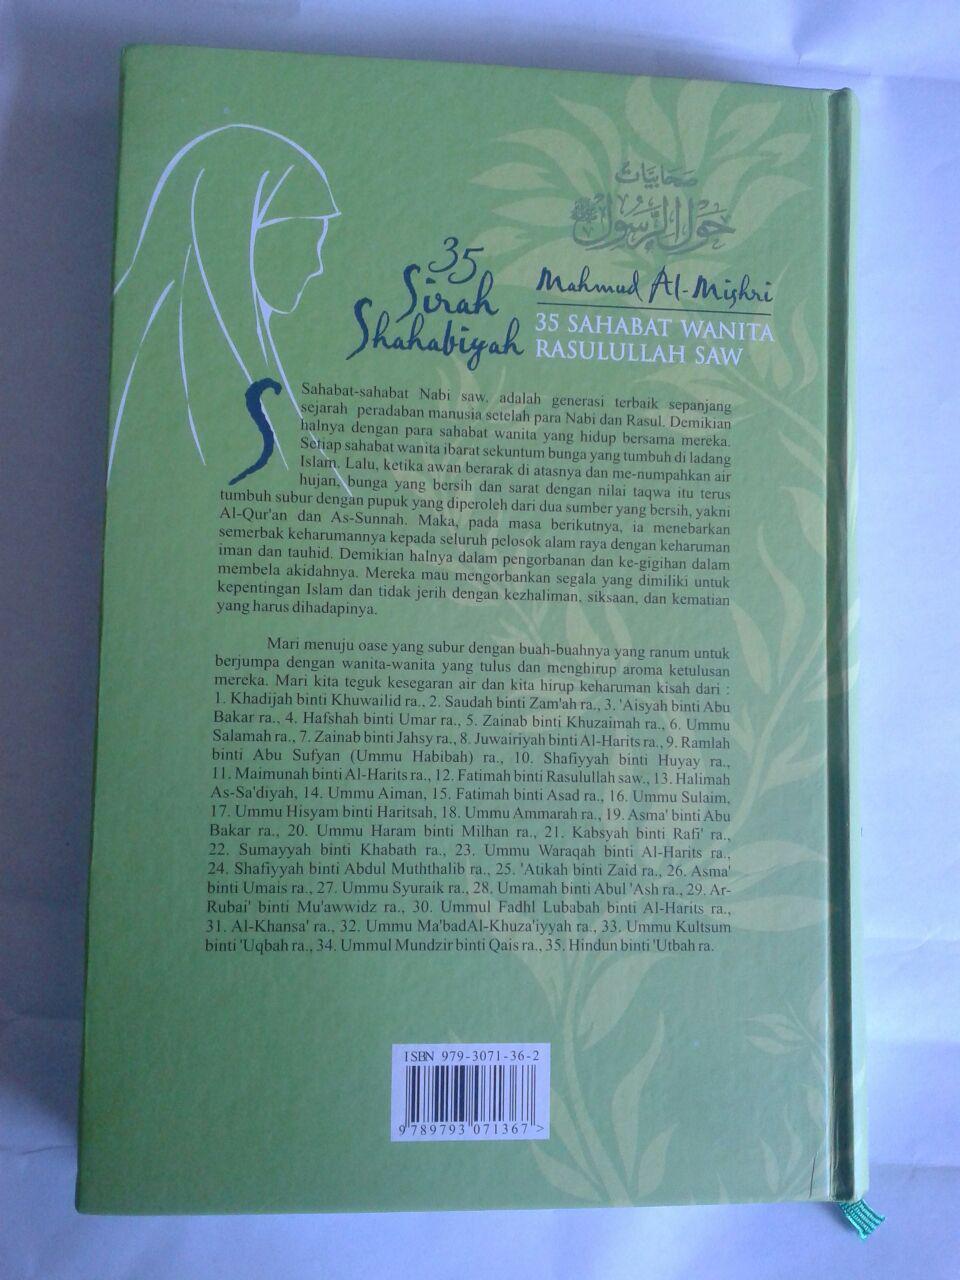 Buku 35 Sirah Shahabiyah 35 Sahabat Wanita Rasulullah 2 Jilid cover